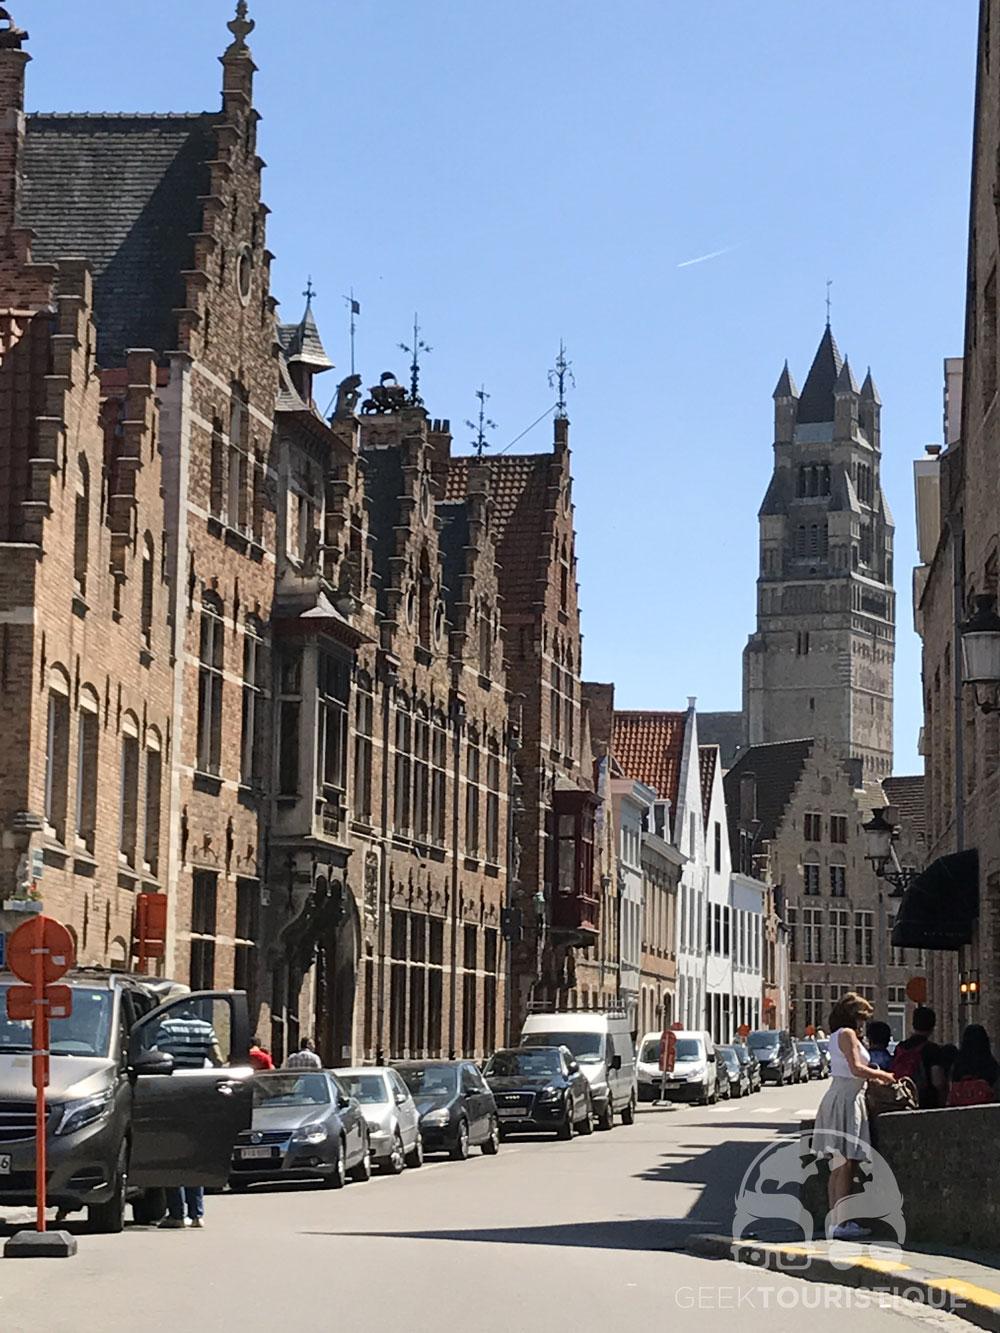 Geektouristique-Bruges-12